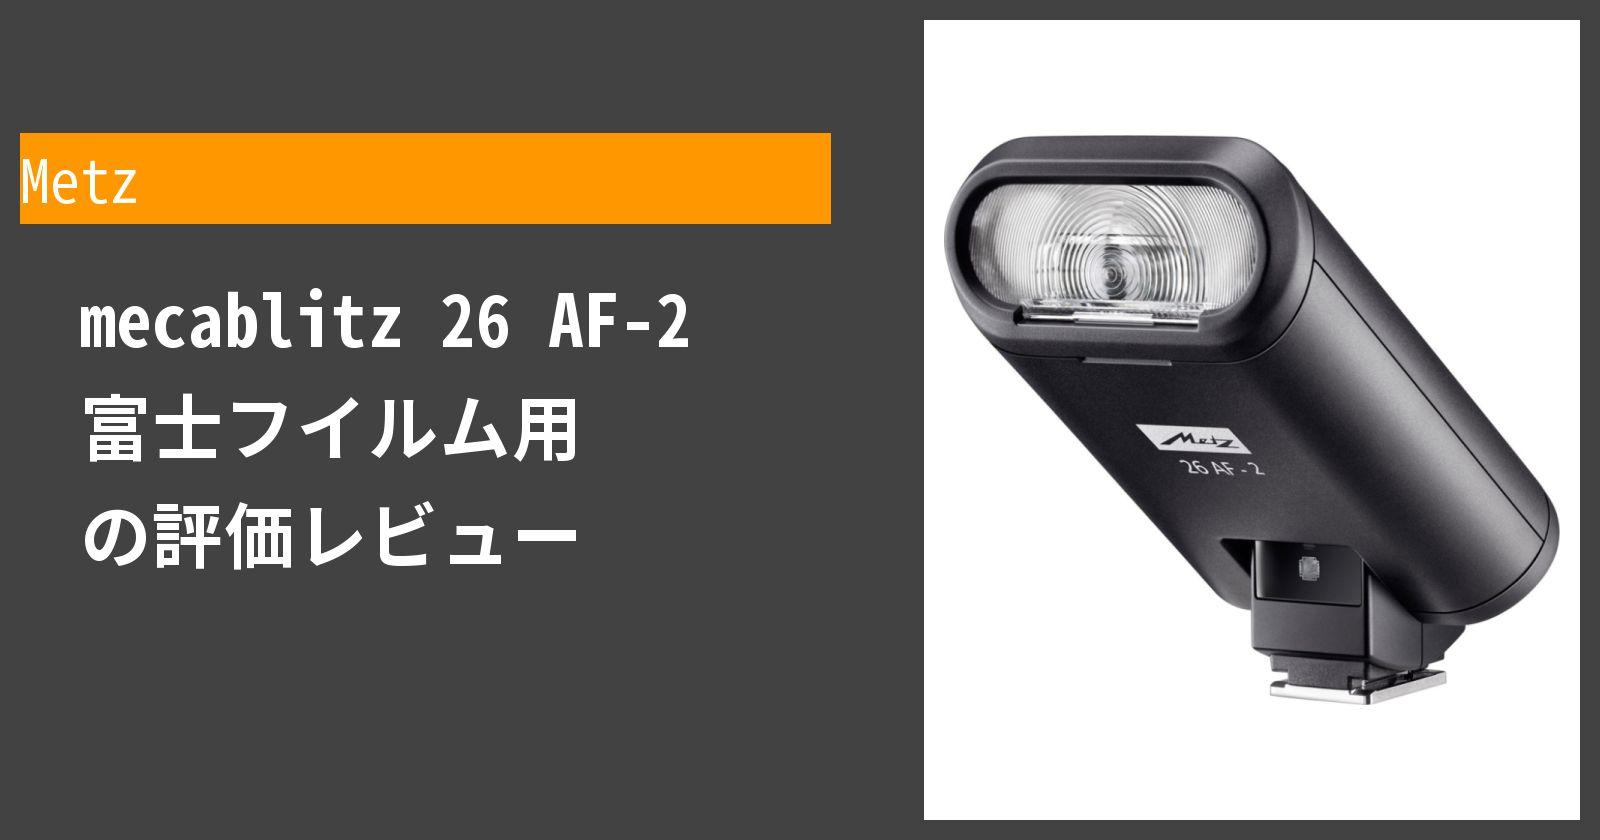 mecablitz 26 AF-2 富士フイルム用を徹底評価